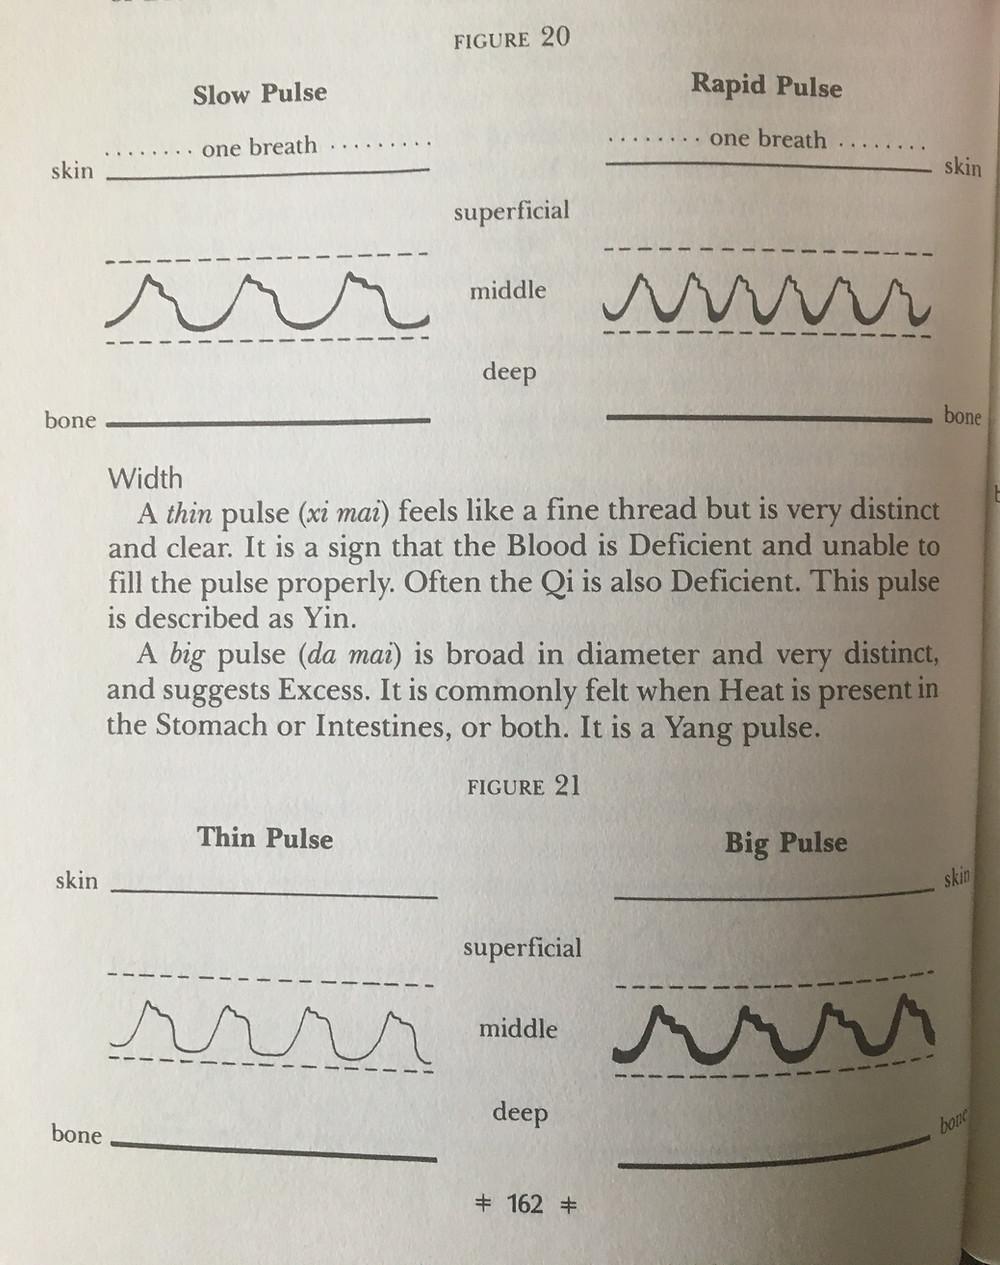 Pulse diagrams